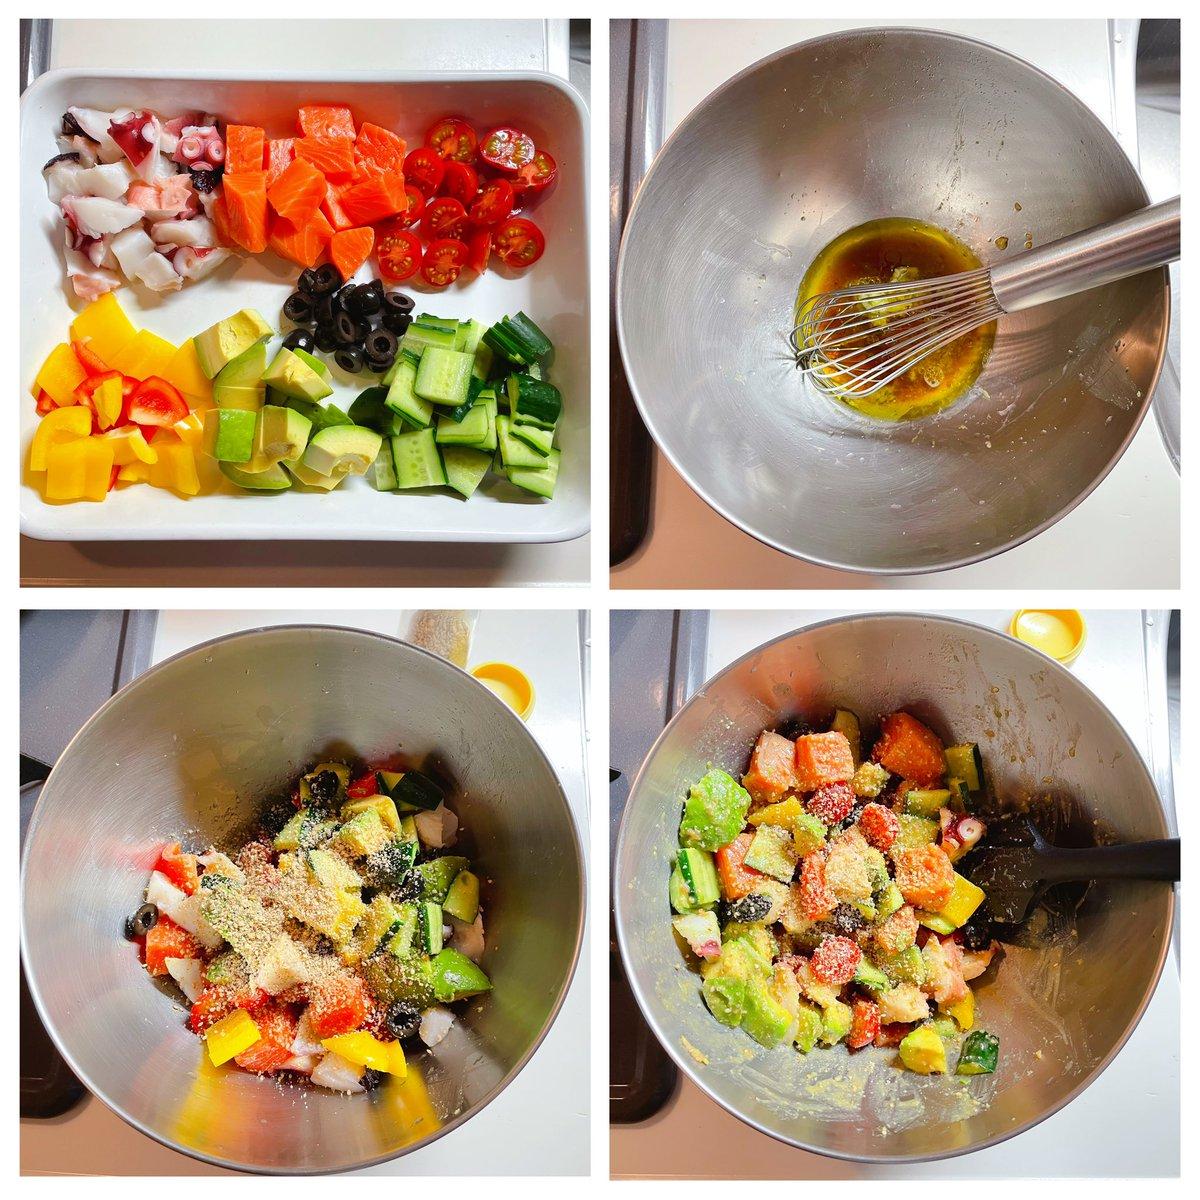 簡単に作れてリピート確実!夏に向けて食べたくなる海鮮サラダのレシピがこちら!